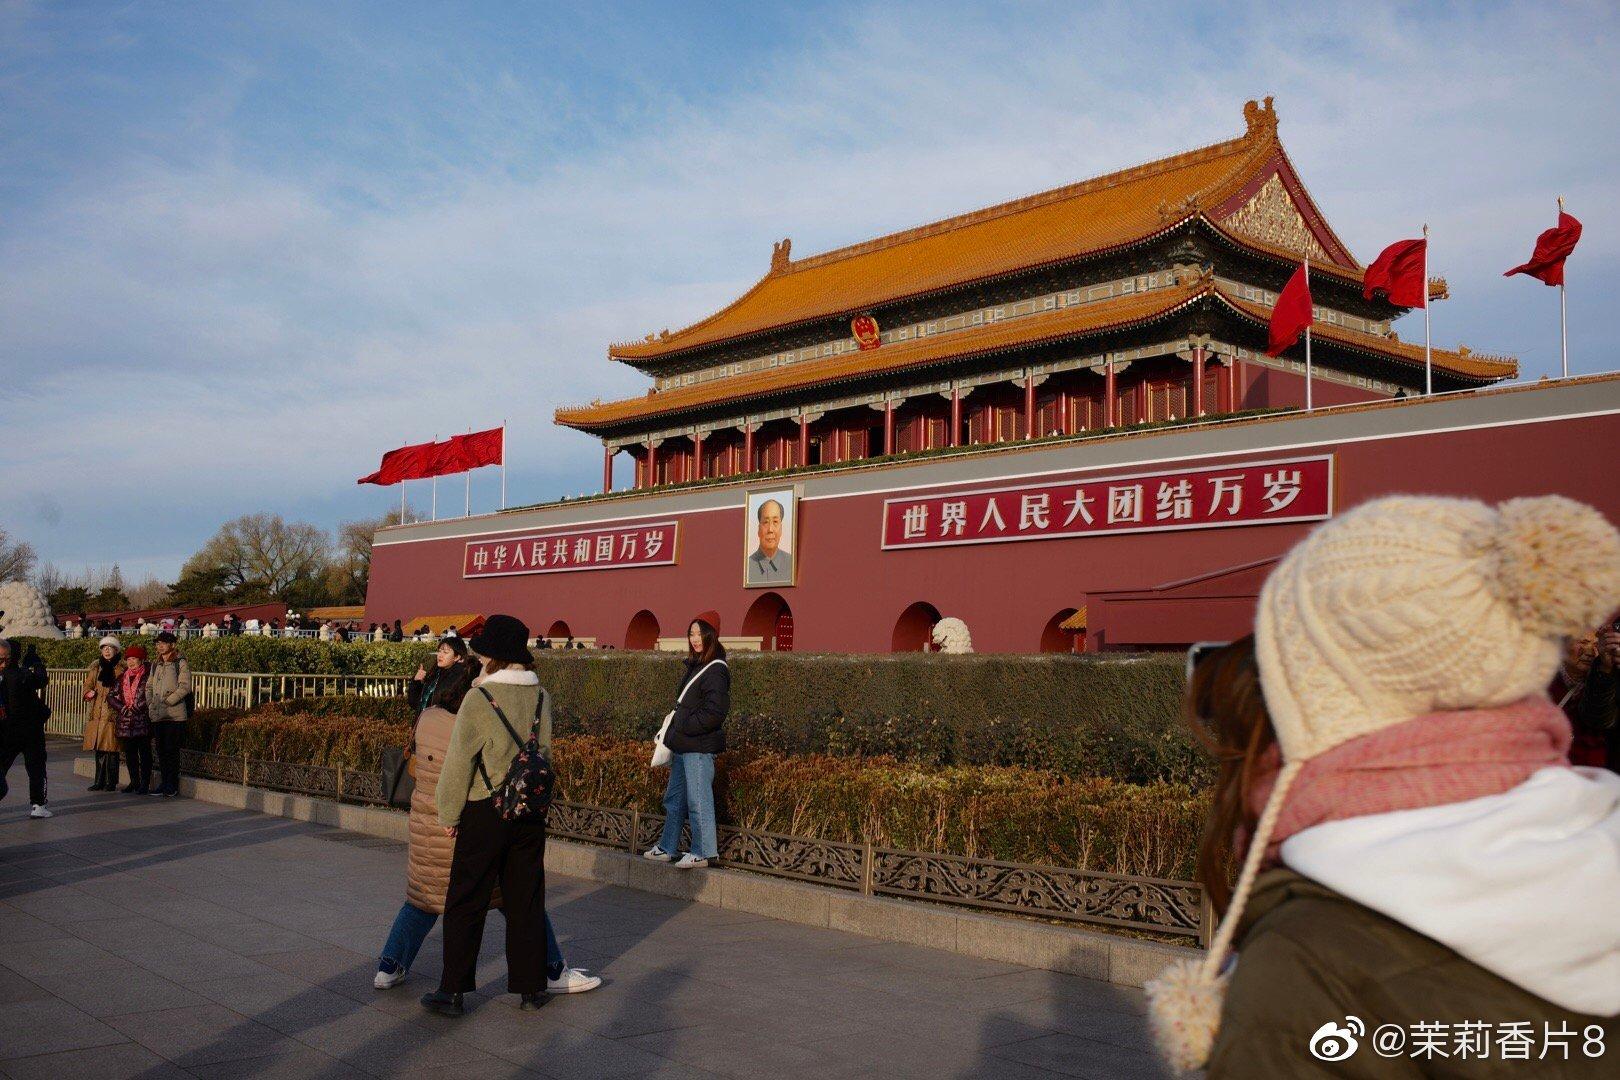 冬日北京摄影@茉莉香片8